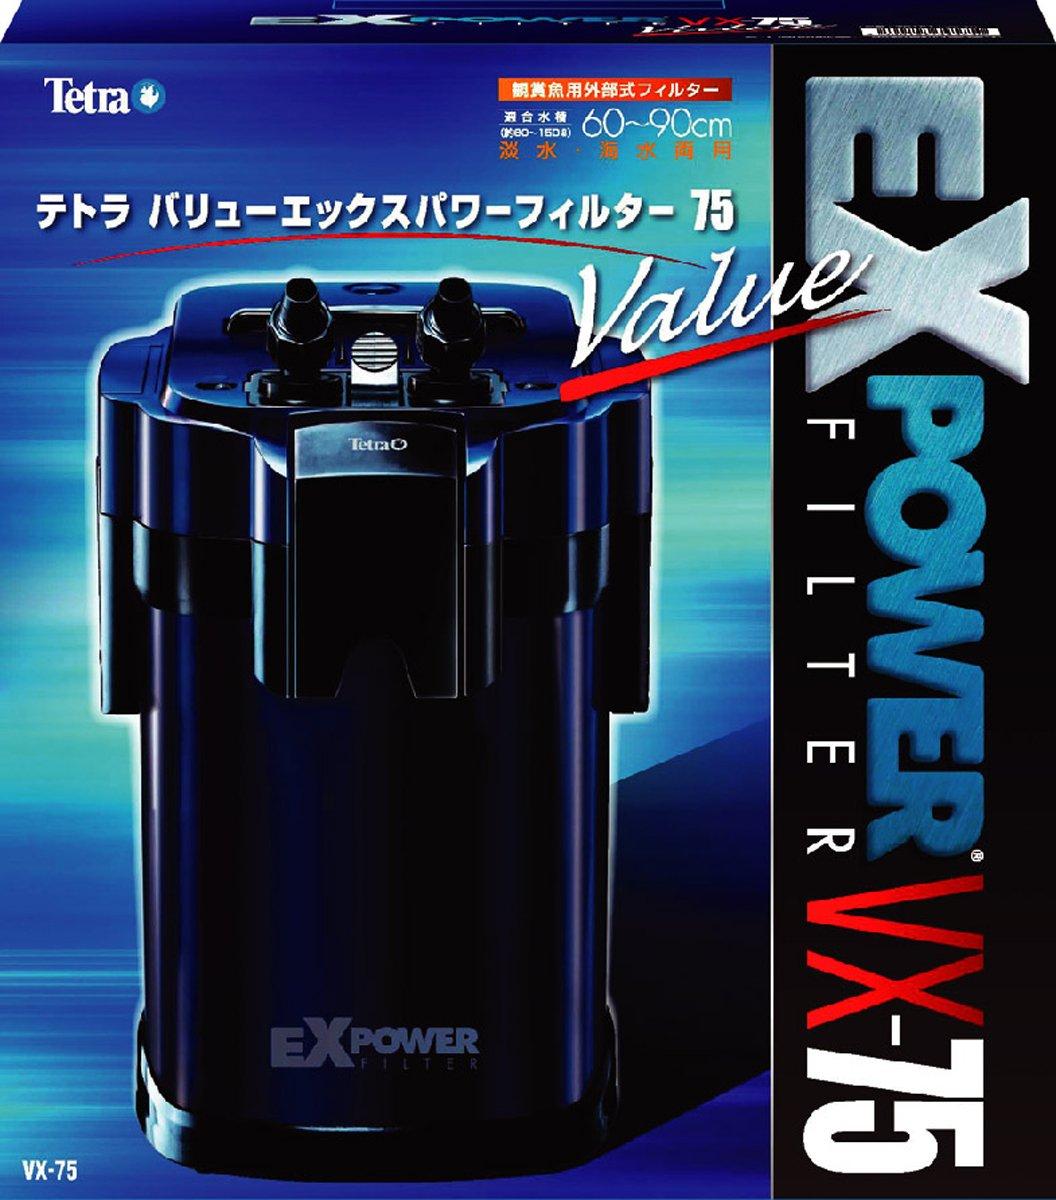 テトラ(Tetra) バリューパワーフィルター VX-75 60cm~90cm水槽用 淡水海水兼用